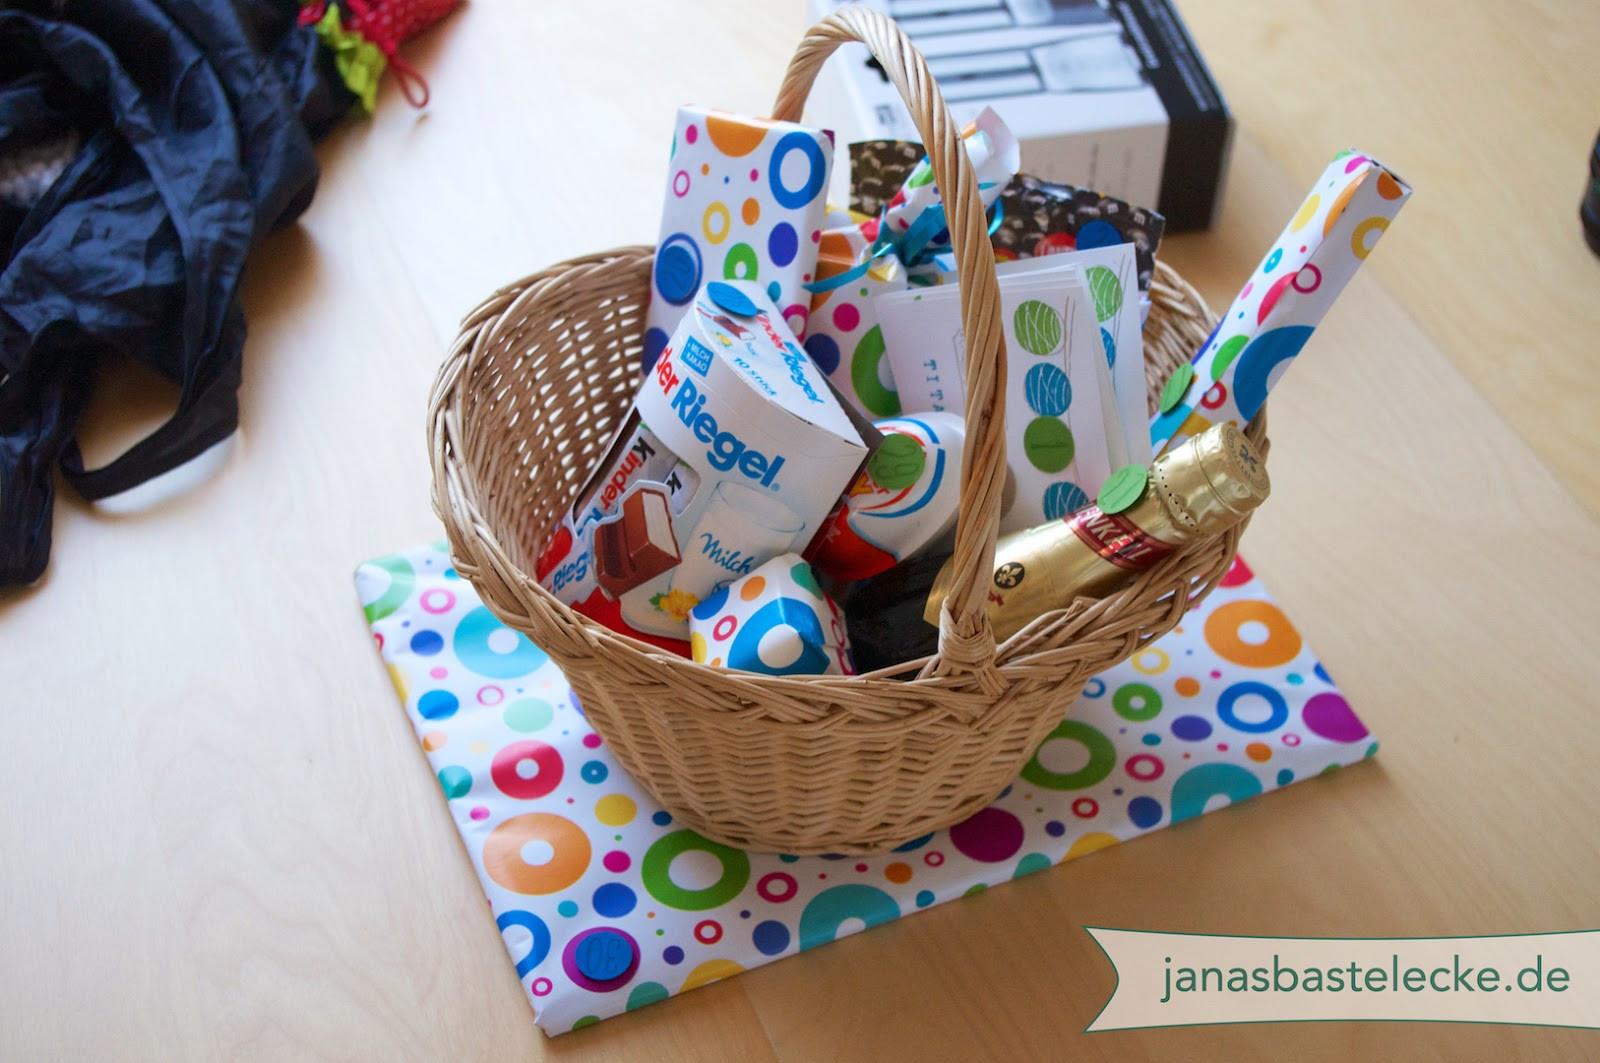 Geburtstagsgeschenk Für Freundin  JanasBastelecke Geburtstagsgeschenk zum 30 für den Mann